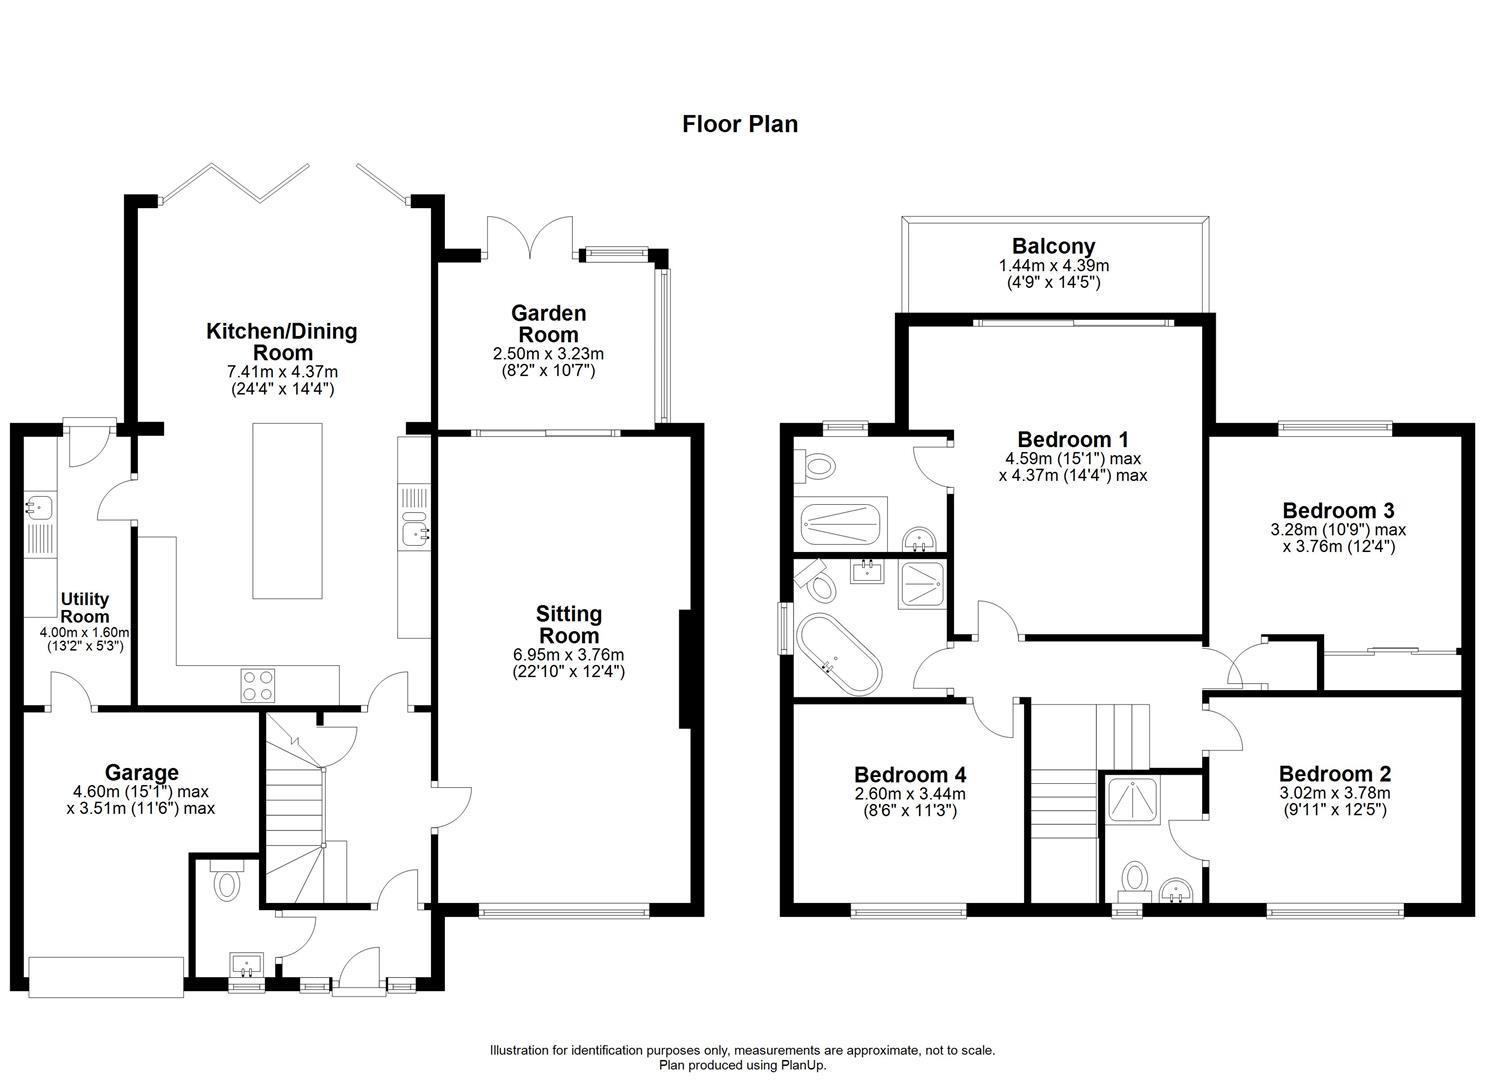 22 Sadlers Mead, Chippenham - Floorplan.JPG